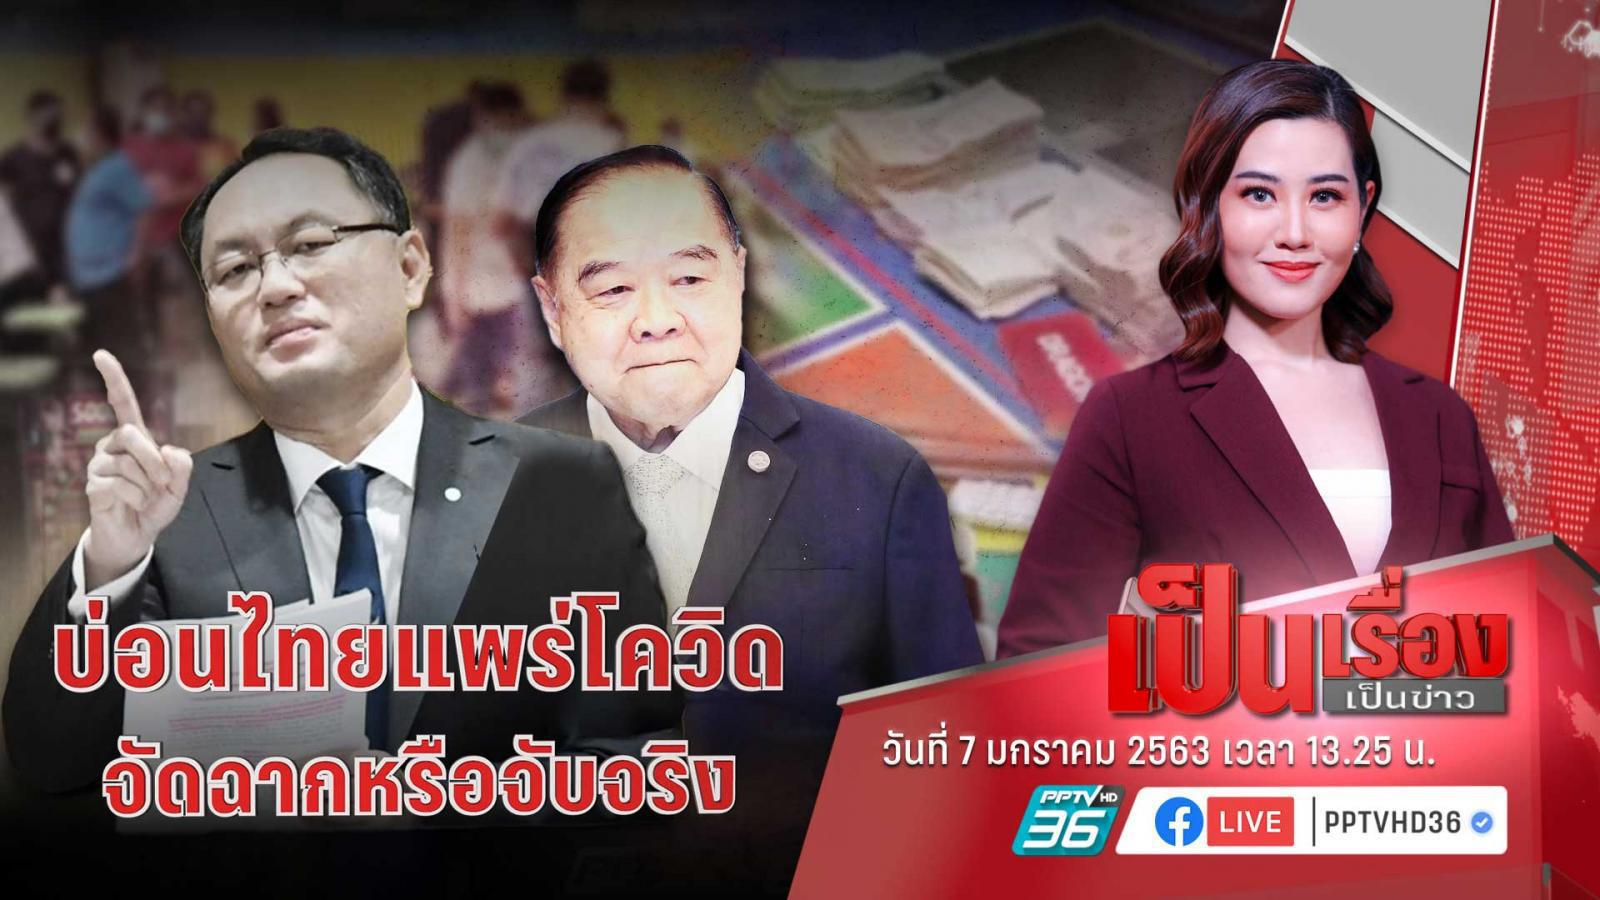 เป็นเรื่องเป็นข่าว | บ่อนไทยแพร่โควิด จัดฉากหรือจับจริง | 7 ม.ค. 64